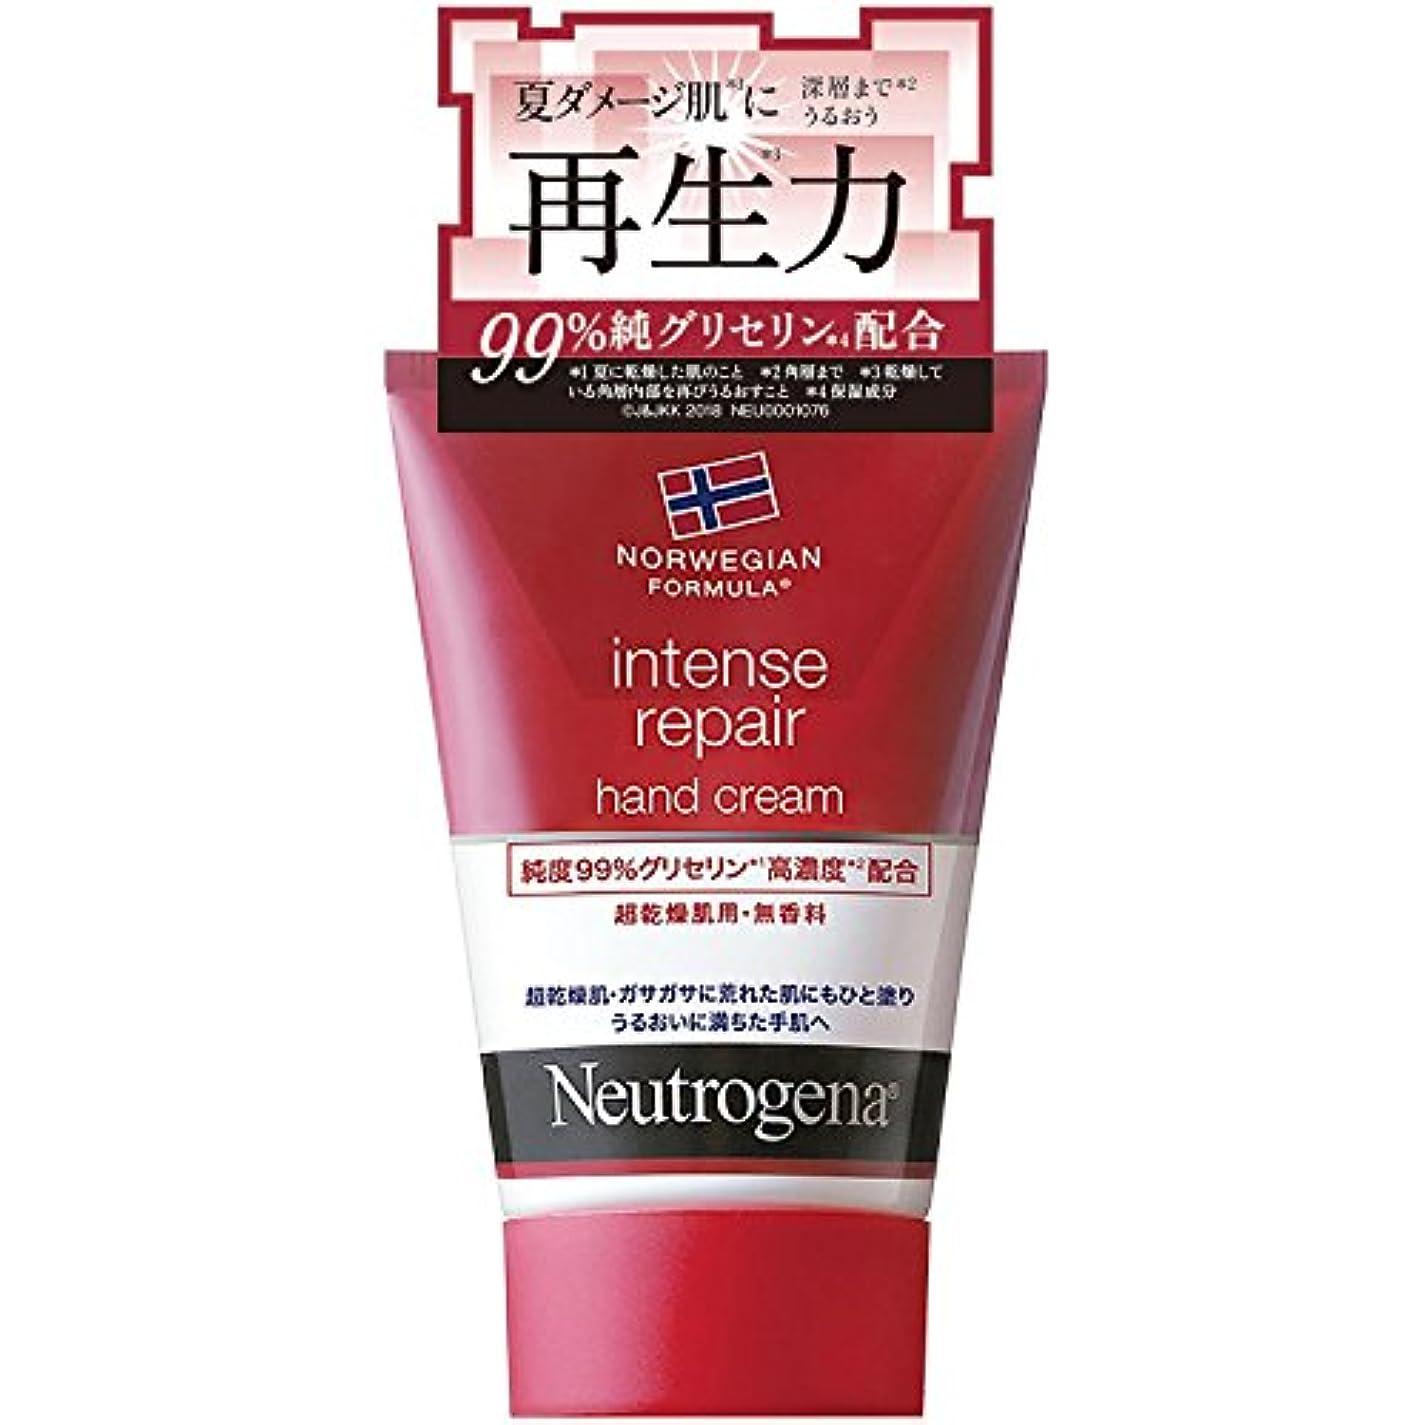 段落サイクル時折Neutrogena(ニュートロジーナ) ノルウェーフォーミュラ インテンスリペア ハンドクリーム 超乾燥肌用 無香料 単品 50g